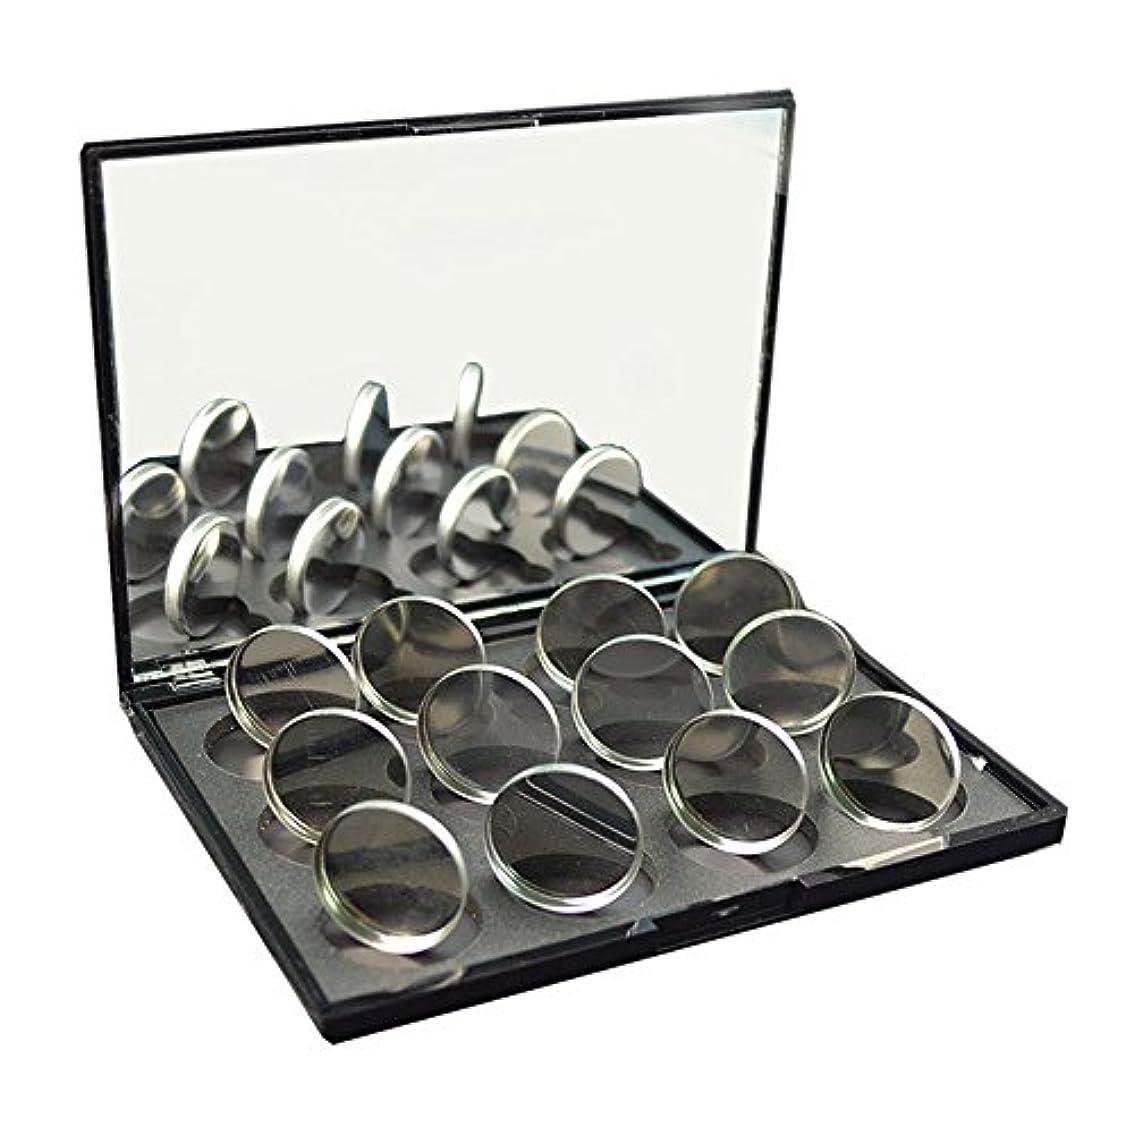 磁石に敏感な粉のアイシャドウ26mmのための100pcs空の円形の錫鍋